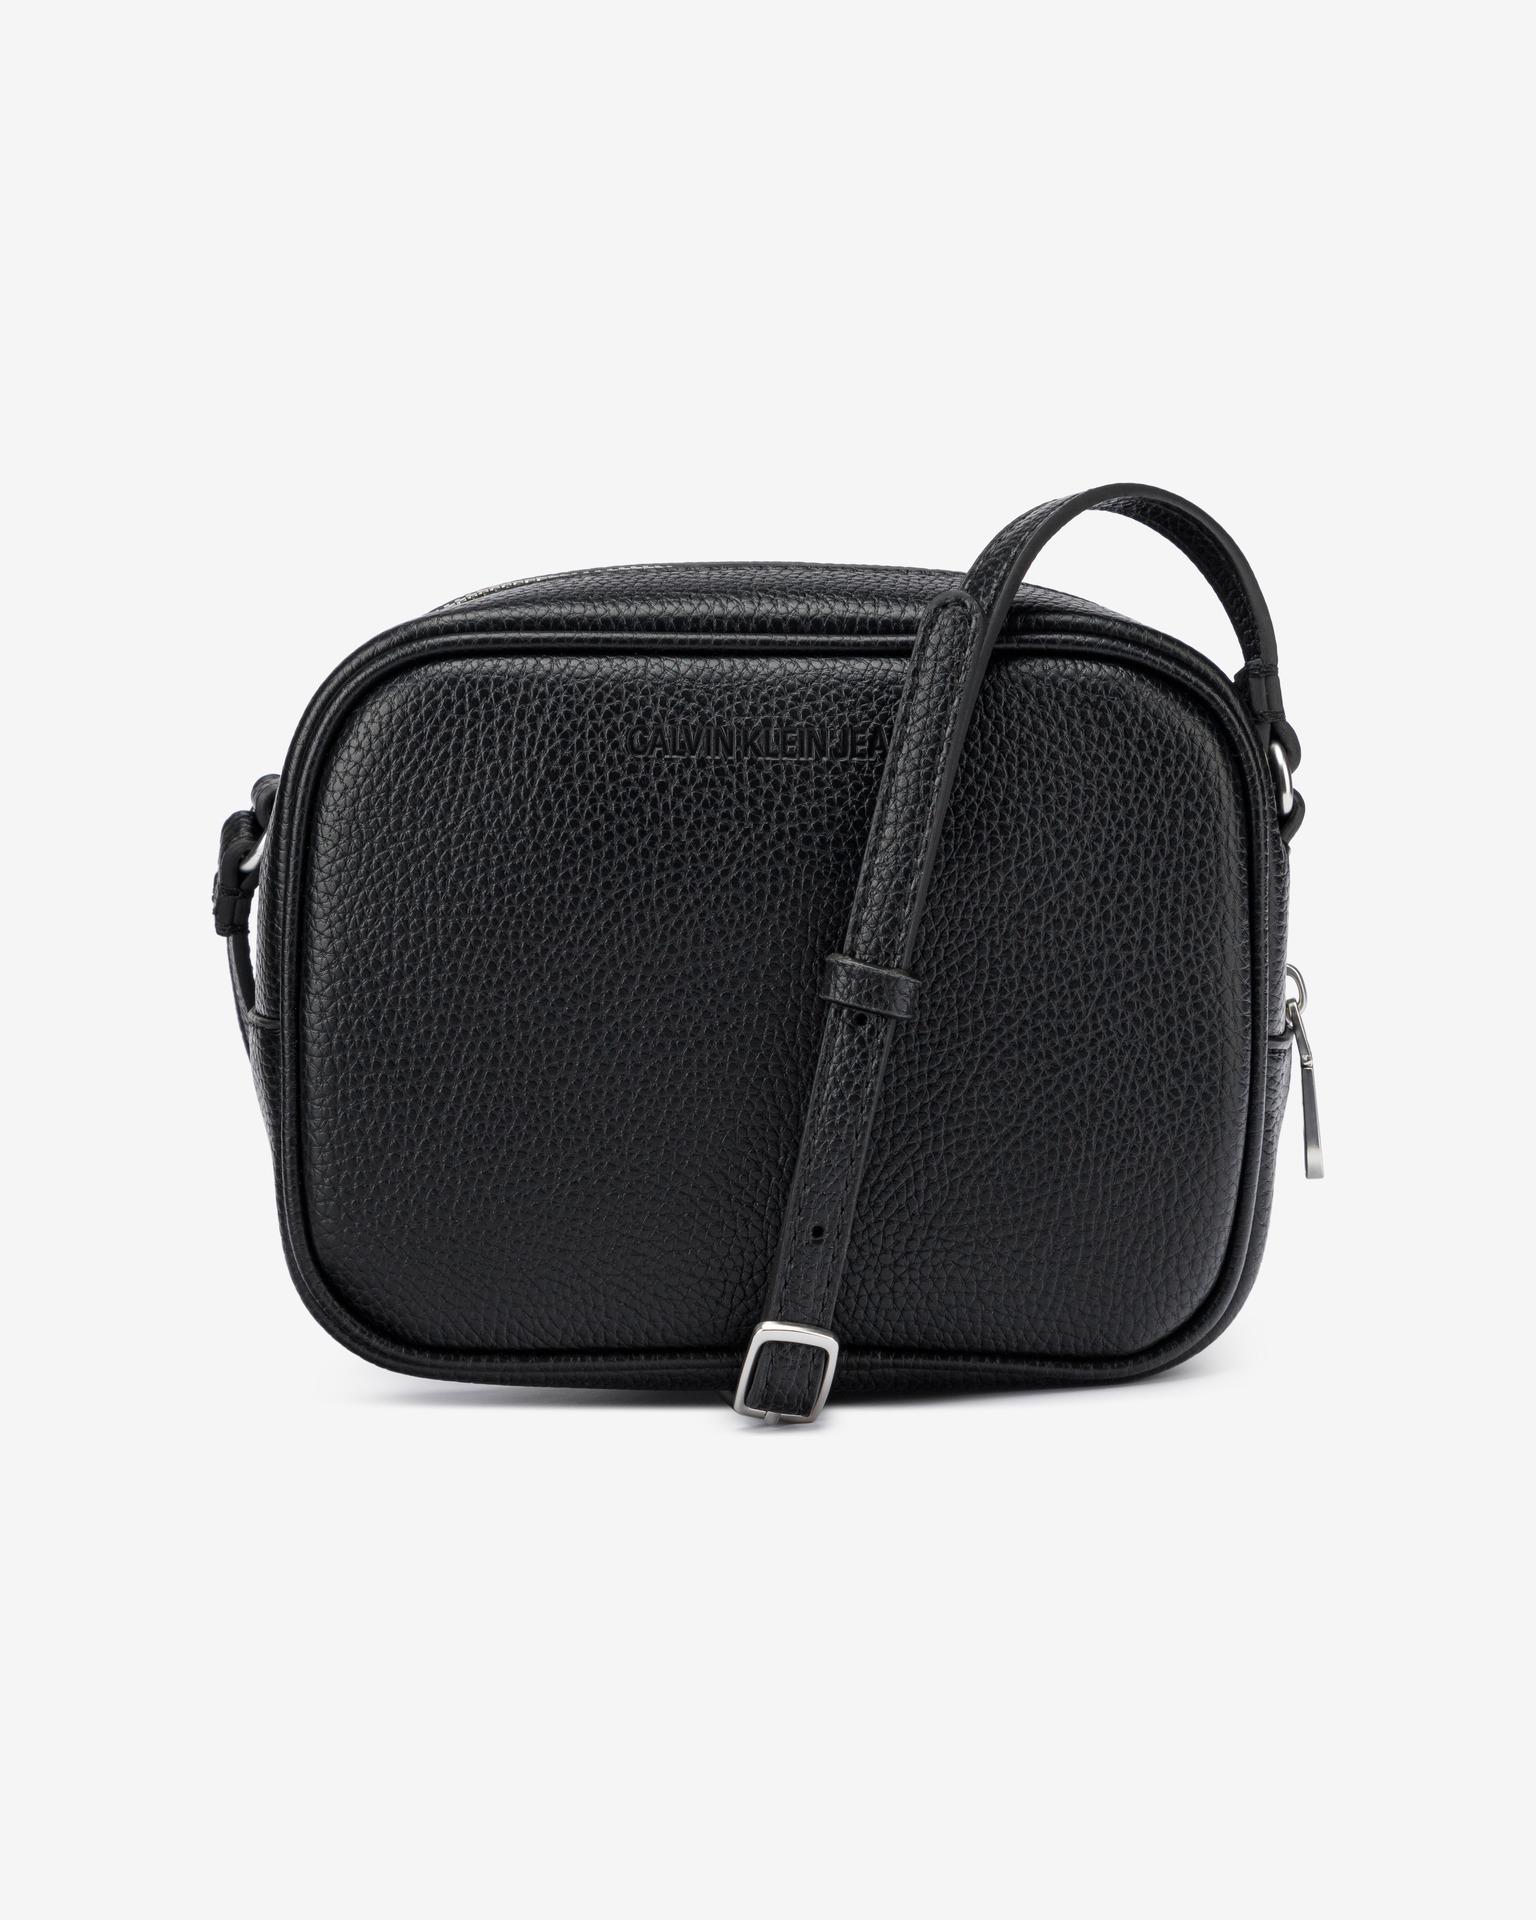 Calvin Klein fekete crossbody kézitáska Camera